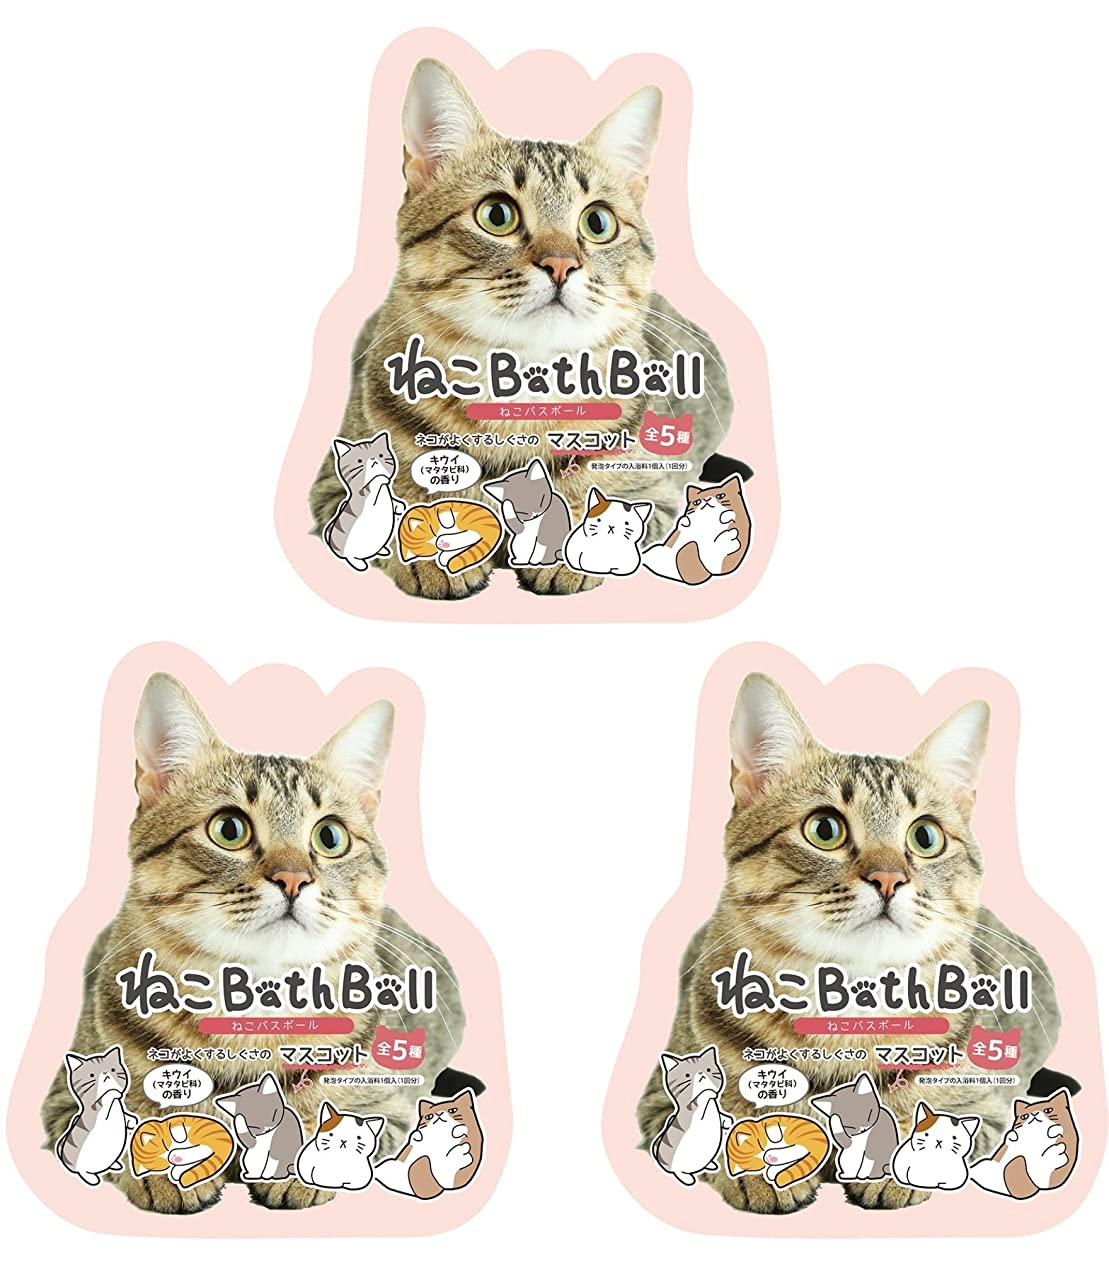 ソロ代替パーティーねこ 入浴剤 猫マスコットが飛び出るバスボール 3個セット